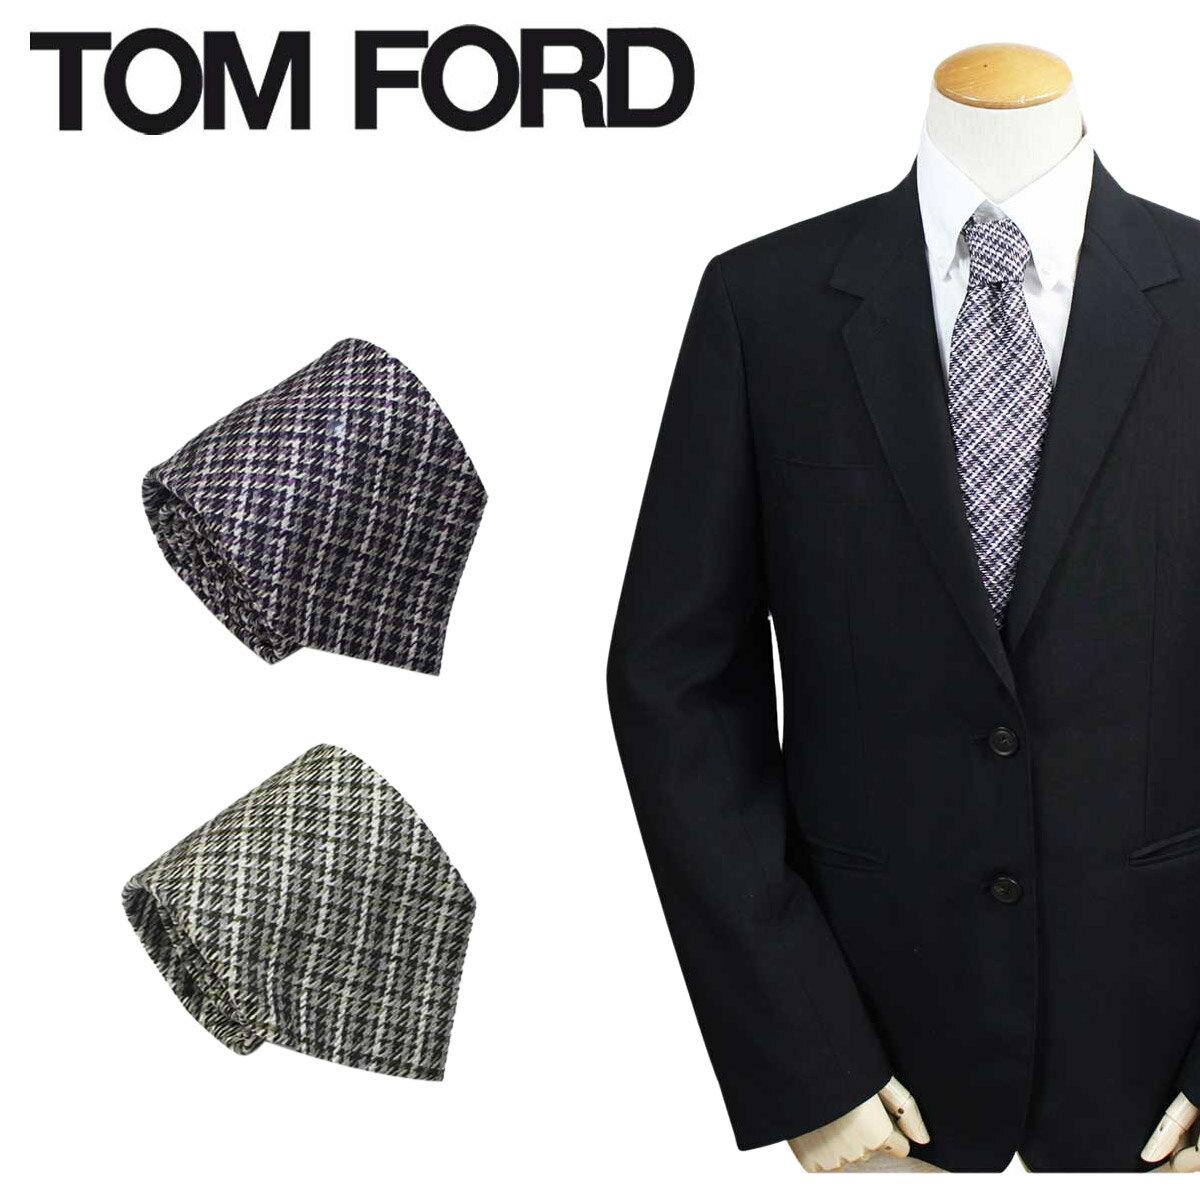 トムフォード TOM FORD ネクタイ シルク メンズ カジュアル ビジネス 結婚式 イタリア製 【決算セール】